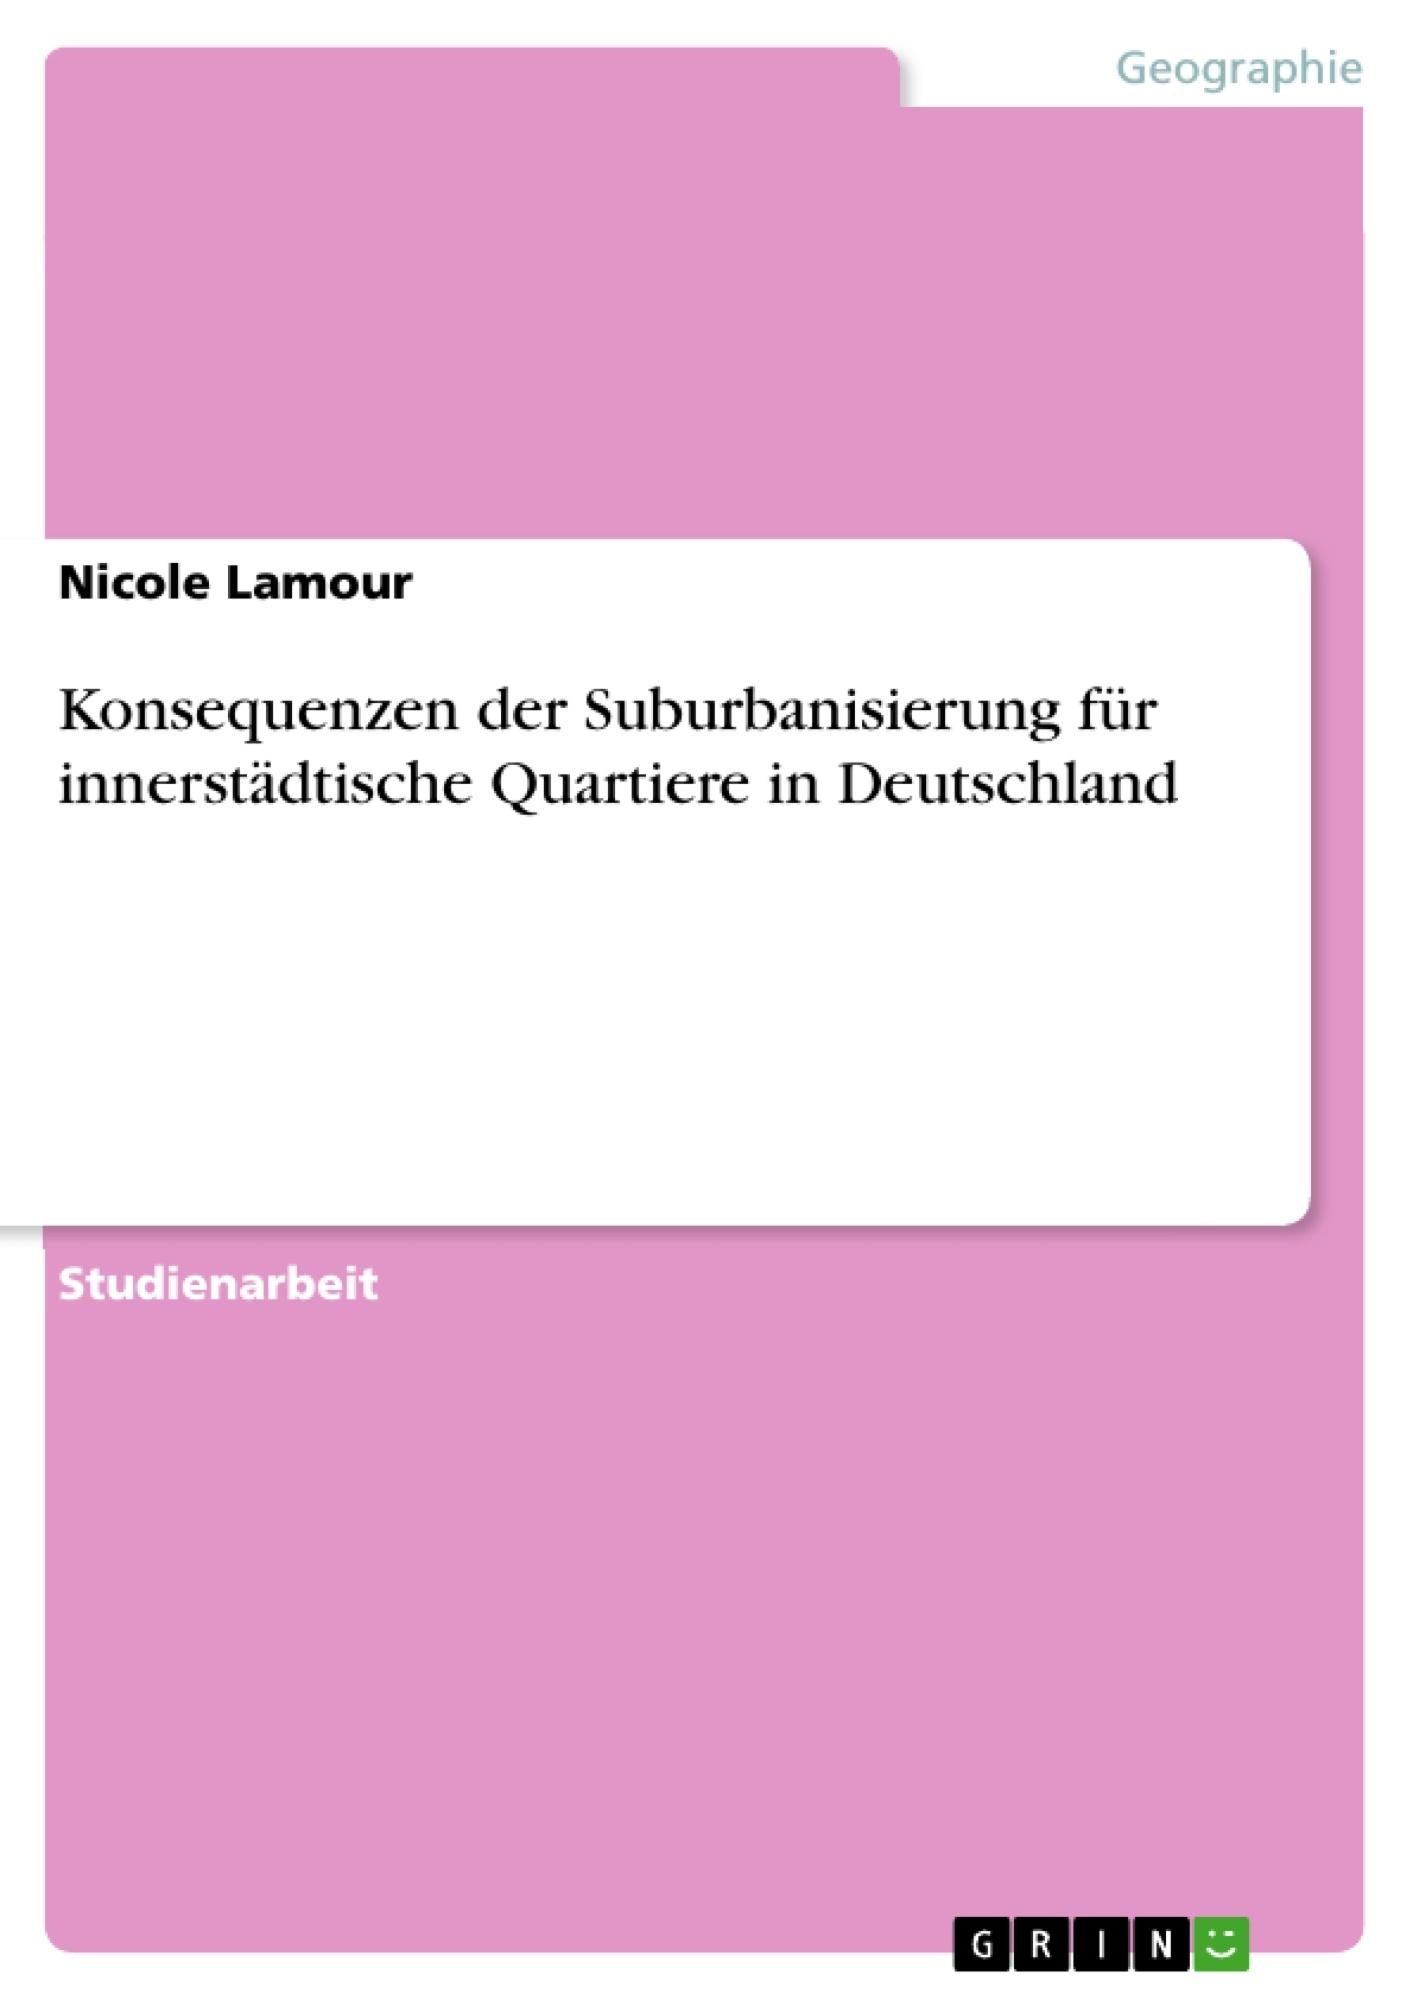 Titel: Konsequenzen der Suburbanisierung für innerstädtische Quartiere in Deutschland